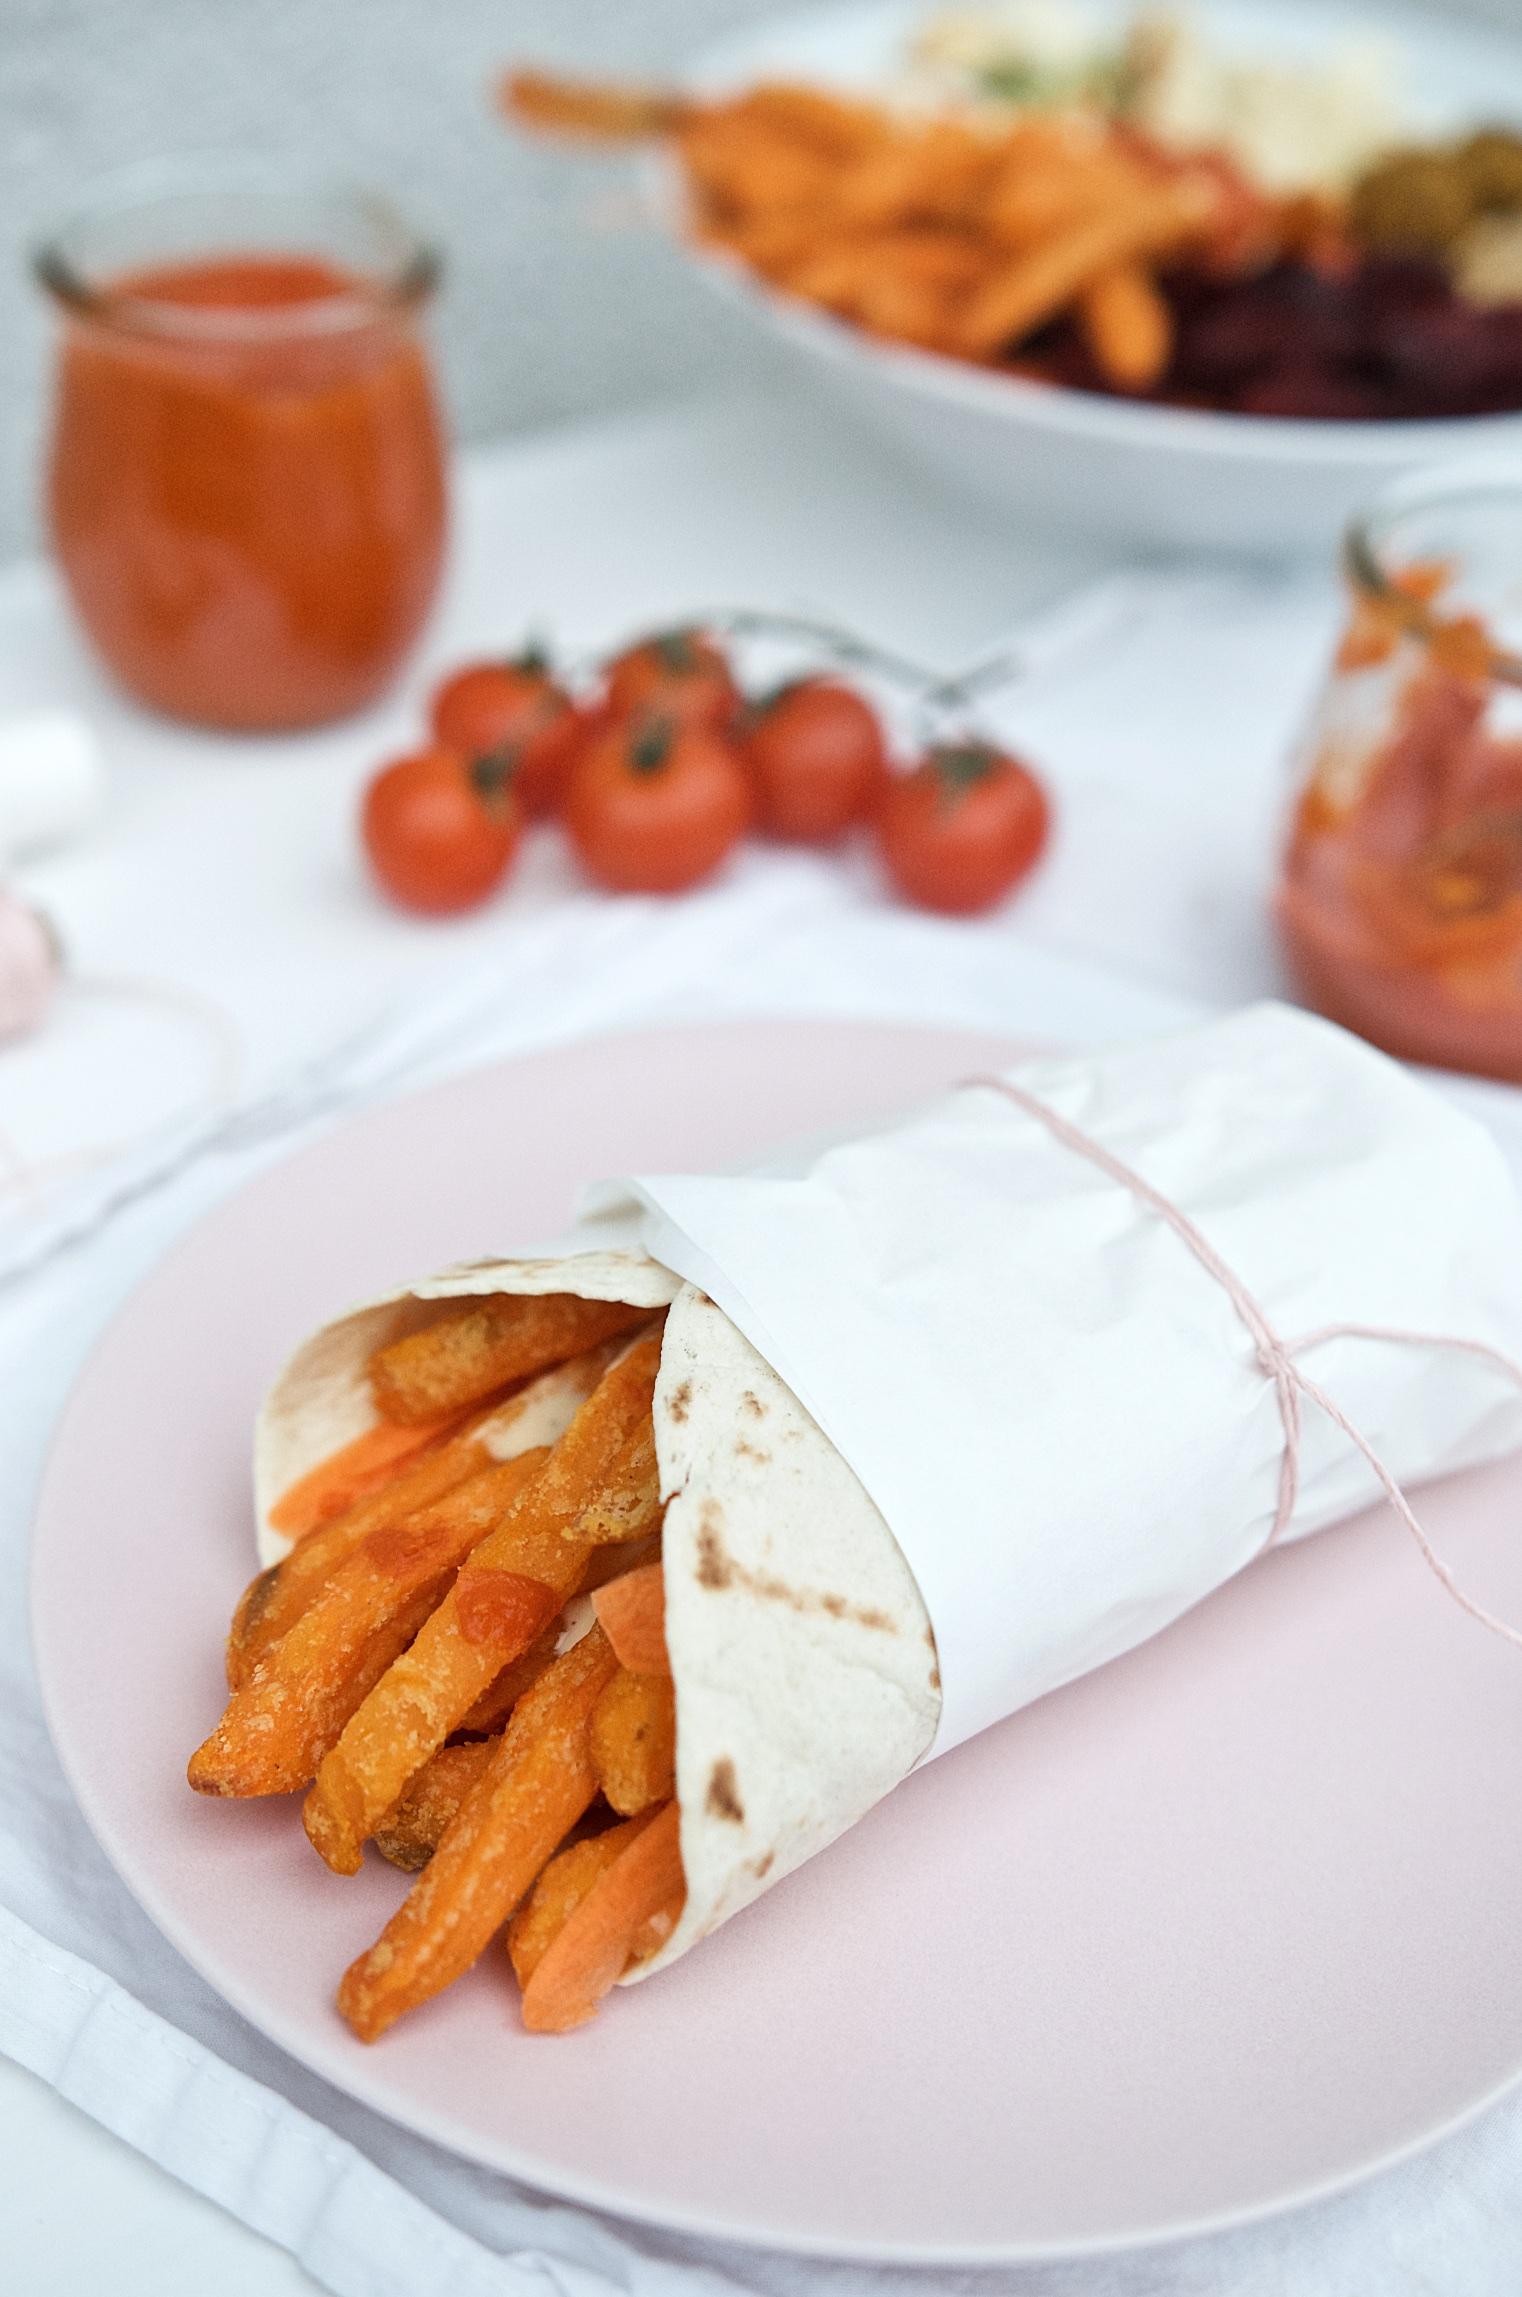 Süßkartoffelpommes-Wrap mit Gemüse und selbstgemachter Mayonnaise | Pinkepank